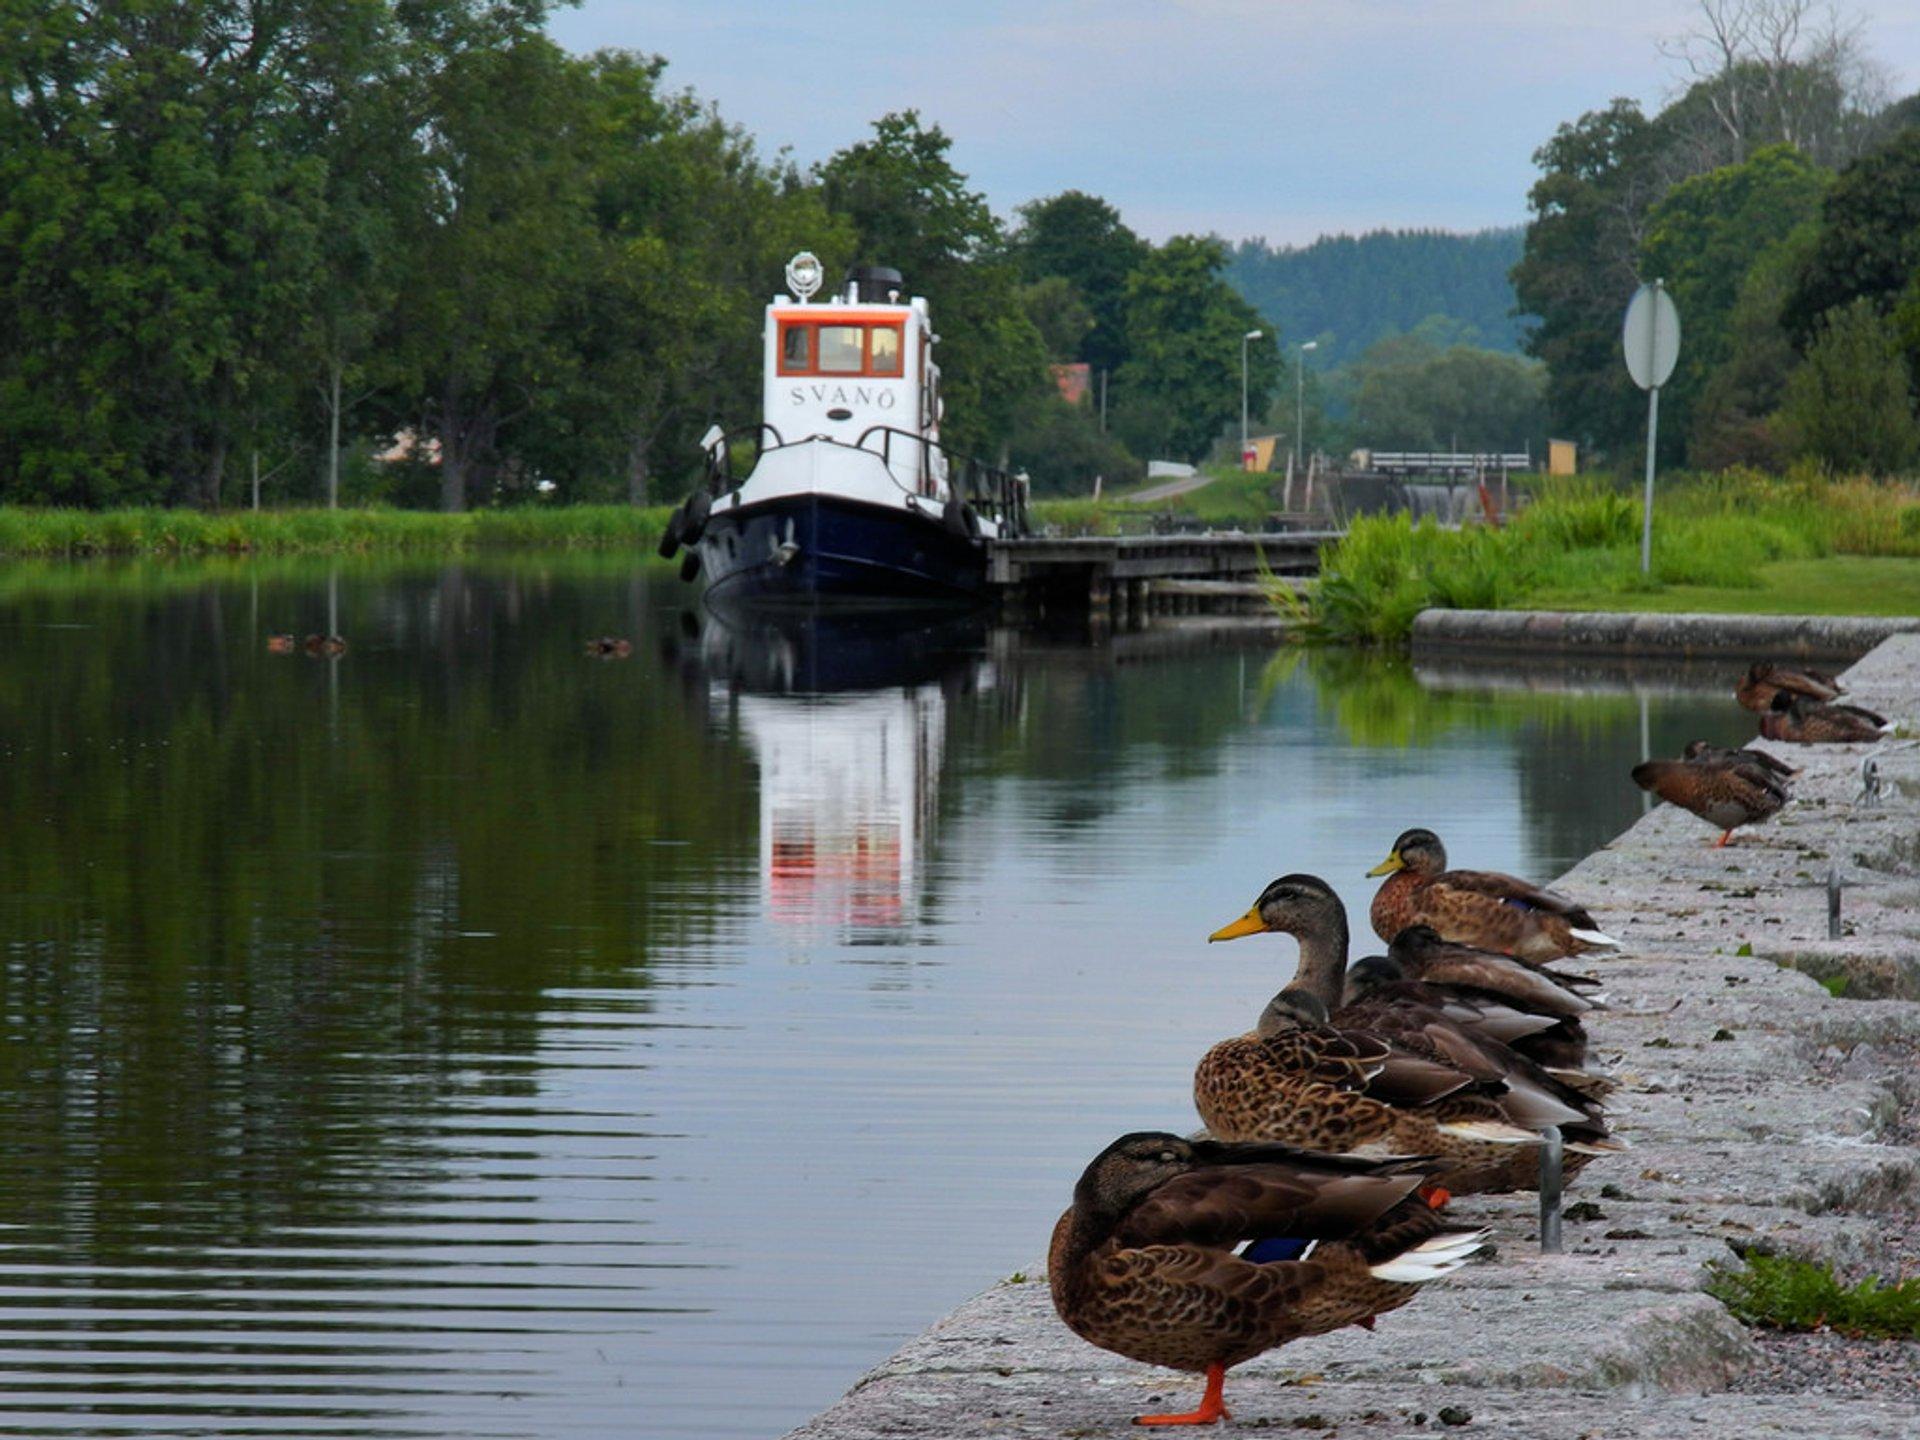 Göta Canal Season in Sweden - Best Season 2020